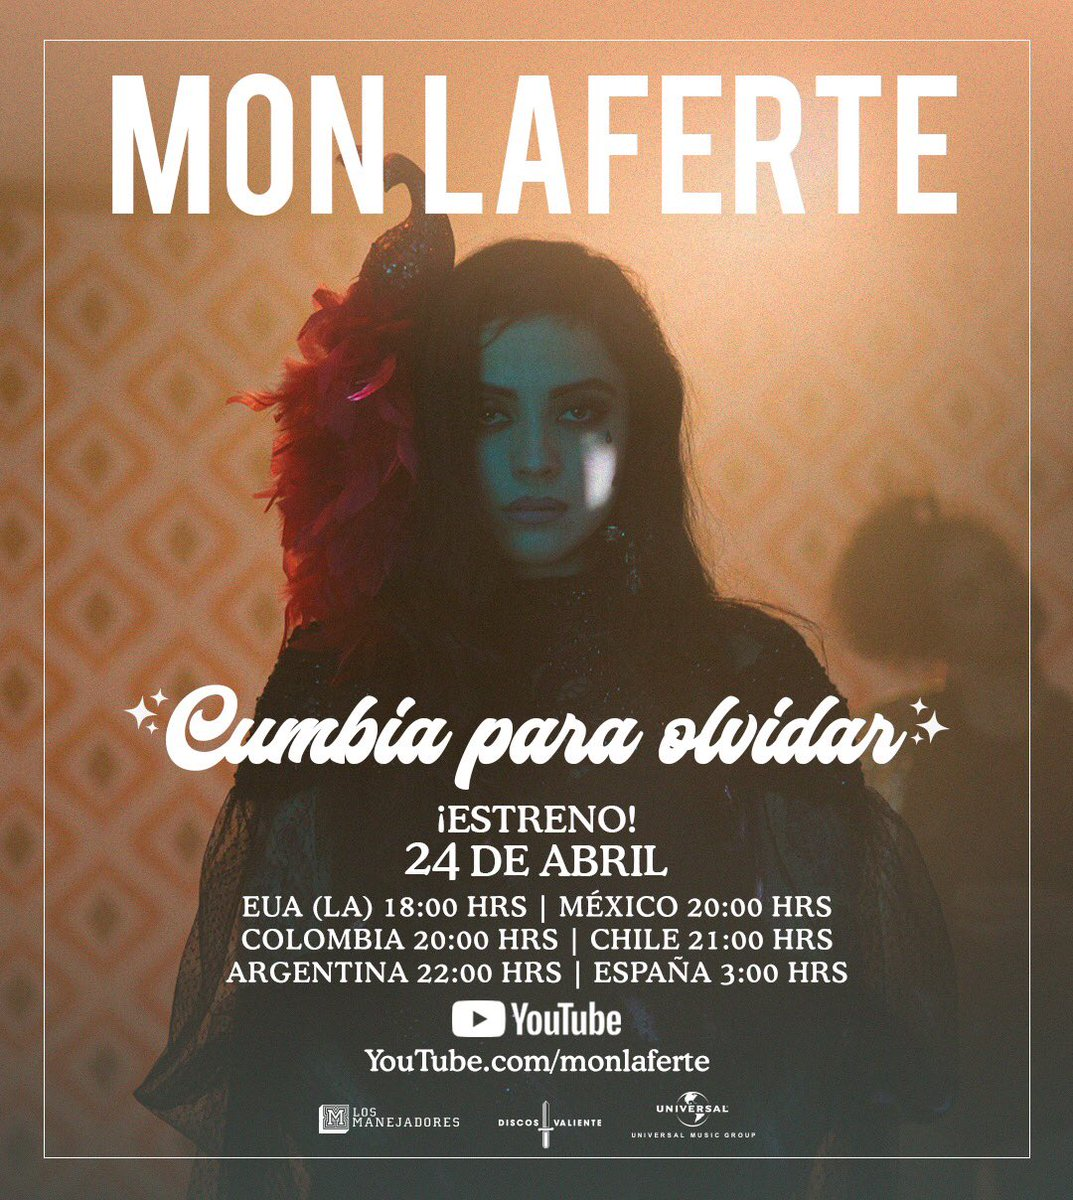 MON LAFERTE's photo on #CumbiaMON